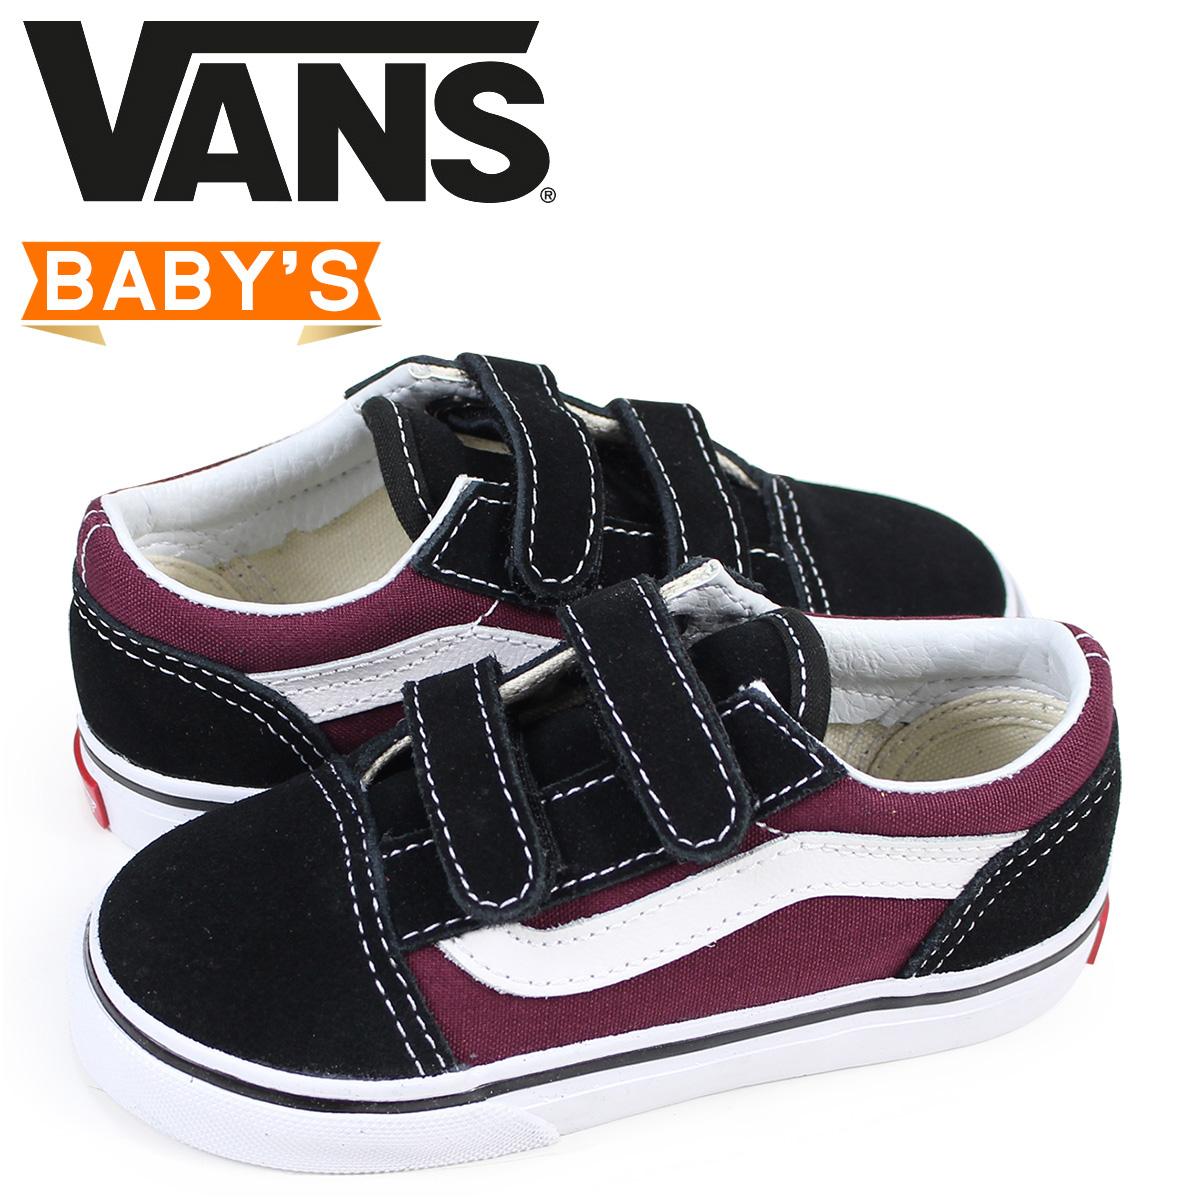 3b5dca32c9ca VANS old school baby sneakers vans station wagons OLD SKOOL V VN0A344KQ7J  black  3 15 Shinnyu load